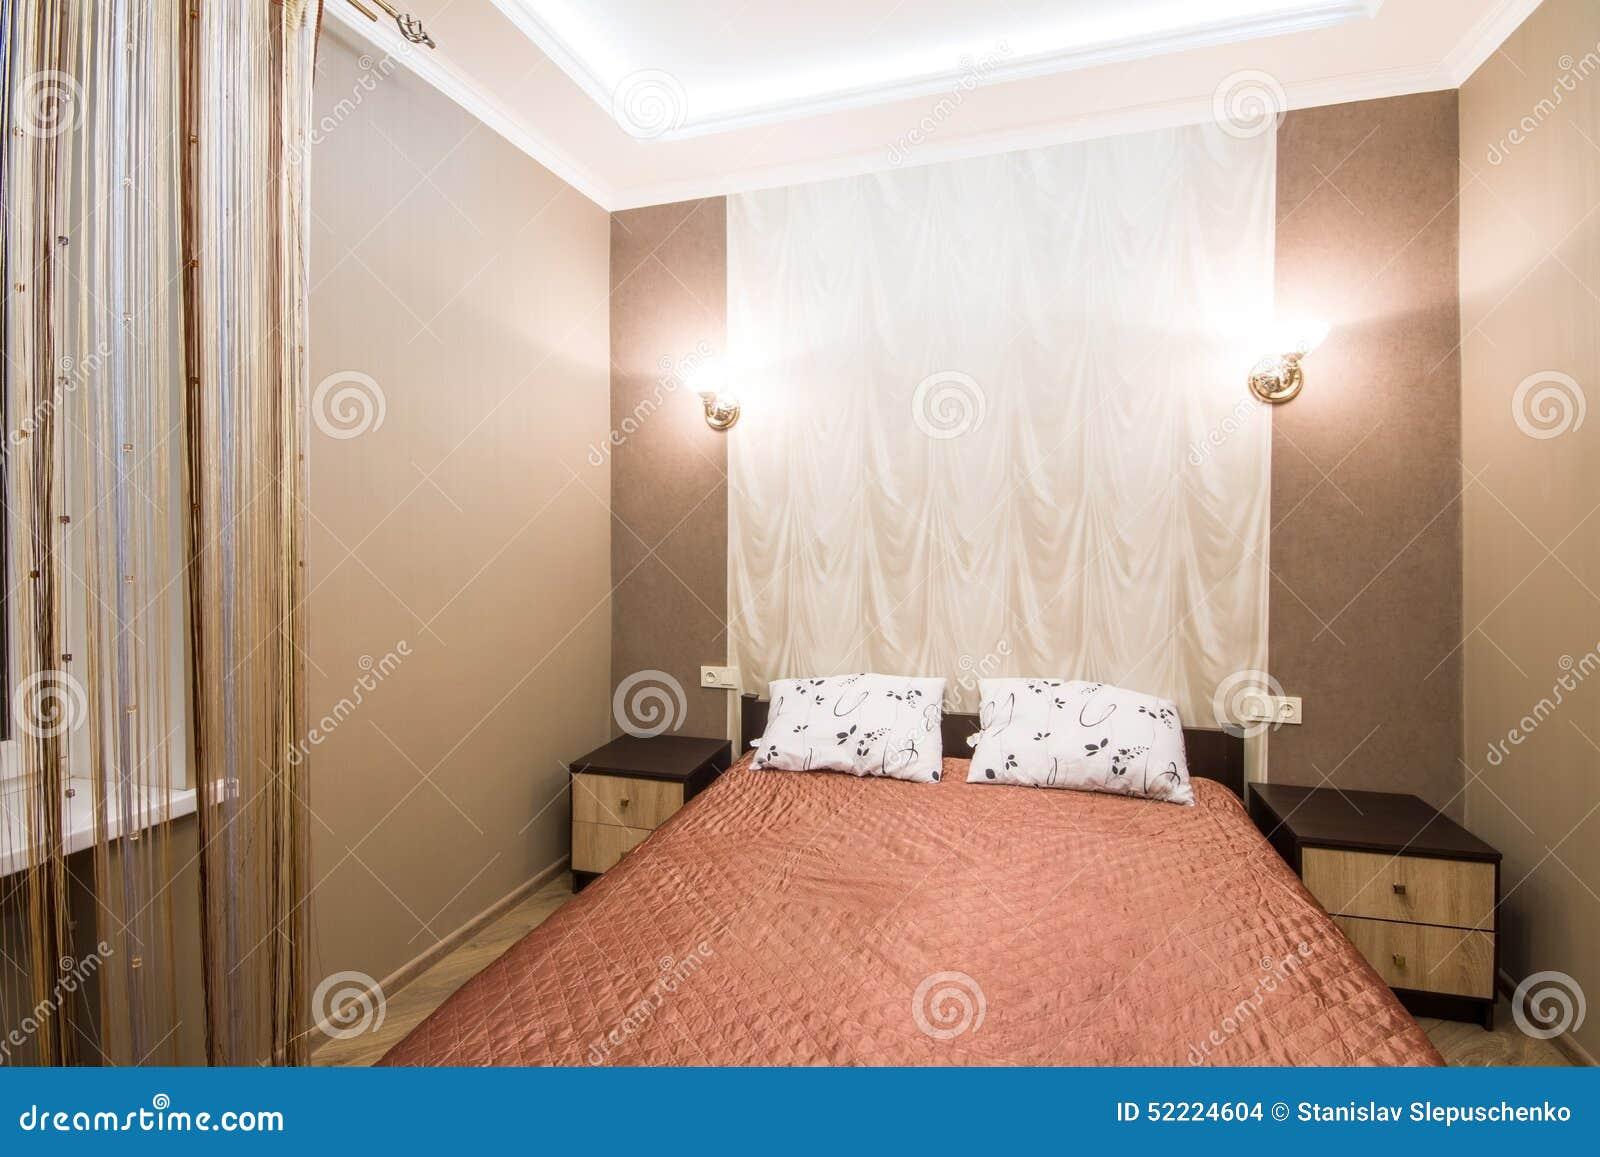 chambre d htel de santo domingo petite chambre coucher avec le double lit - Chambre A Couche Petite